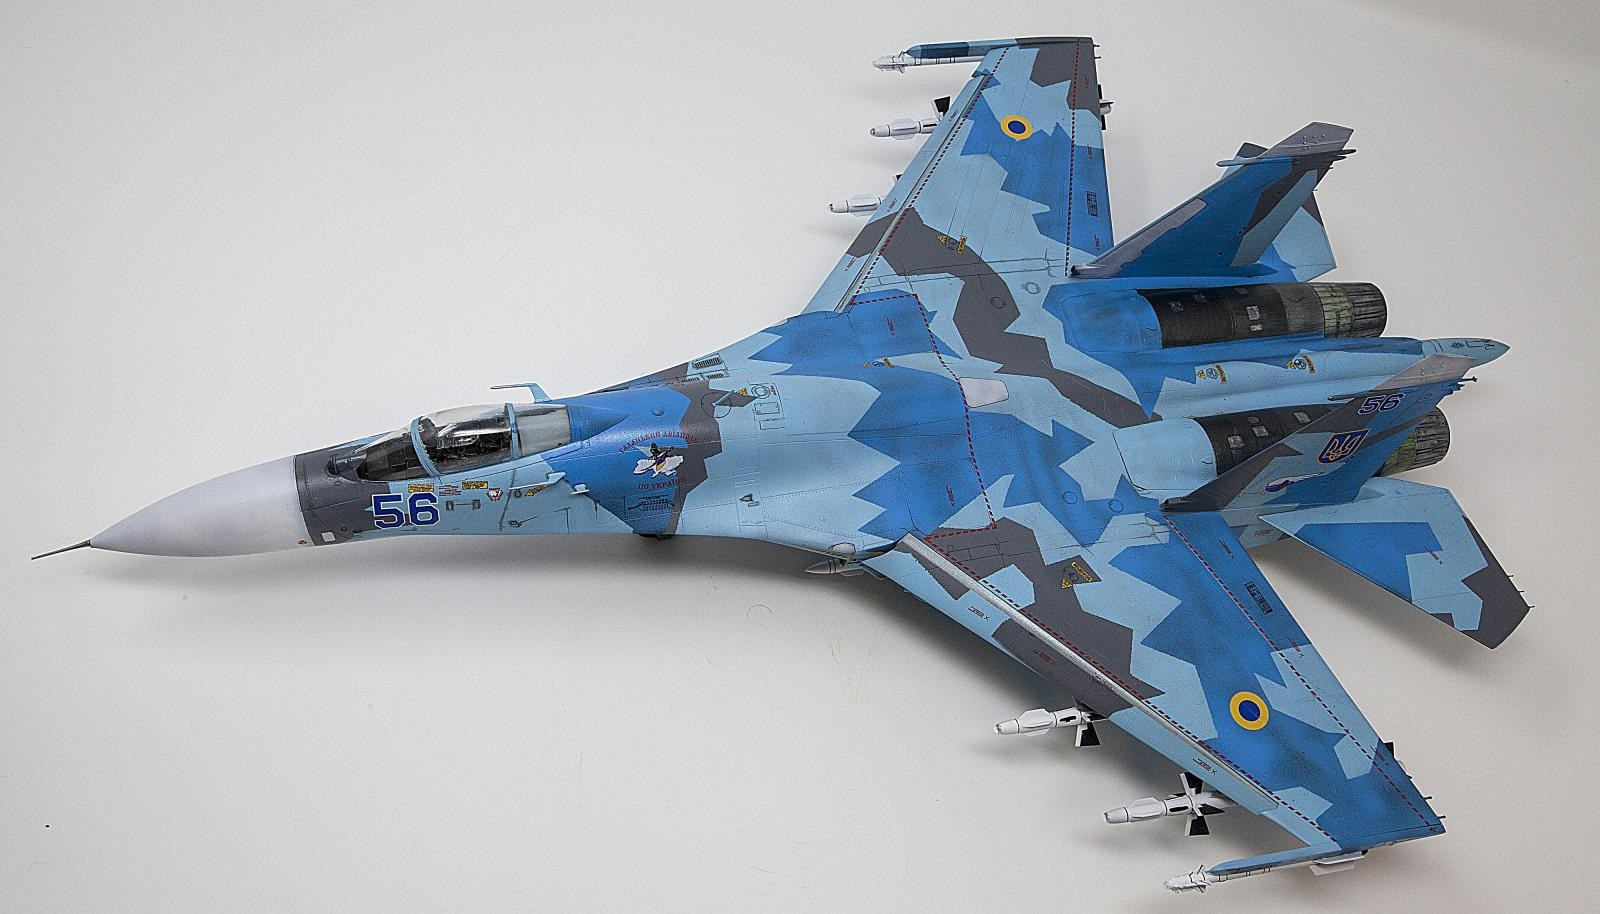 Foxbot Decals 1//72 SUKHOI Su-27UBM FLANKER Ukrainian Digital Scheme Paint Masks